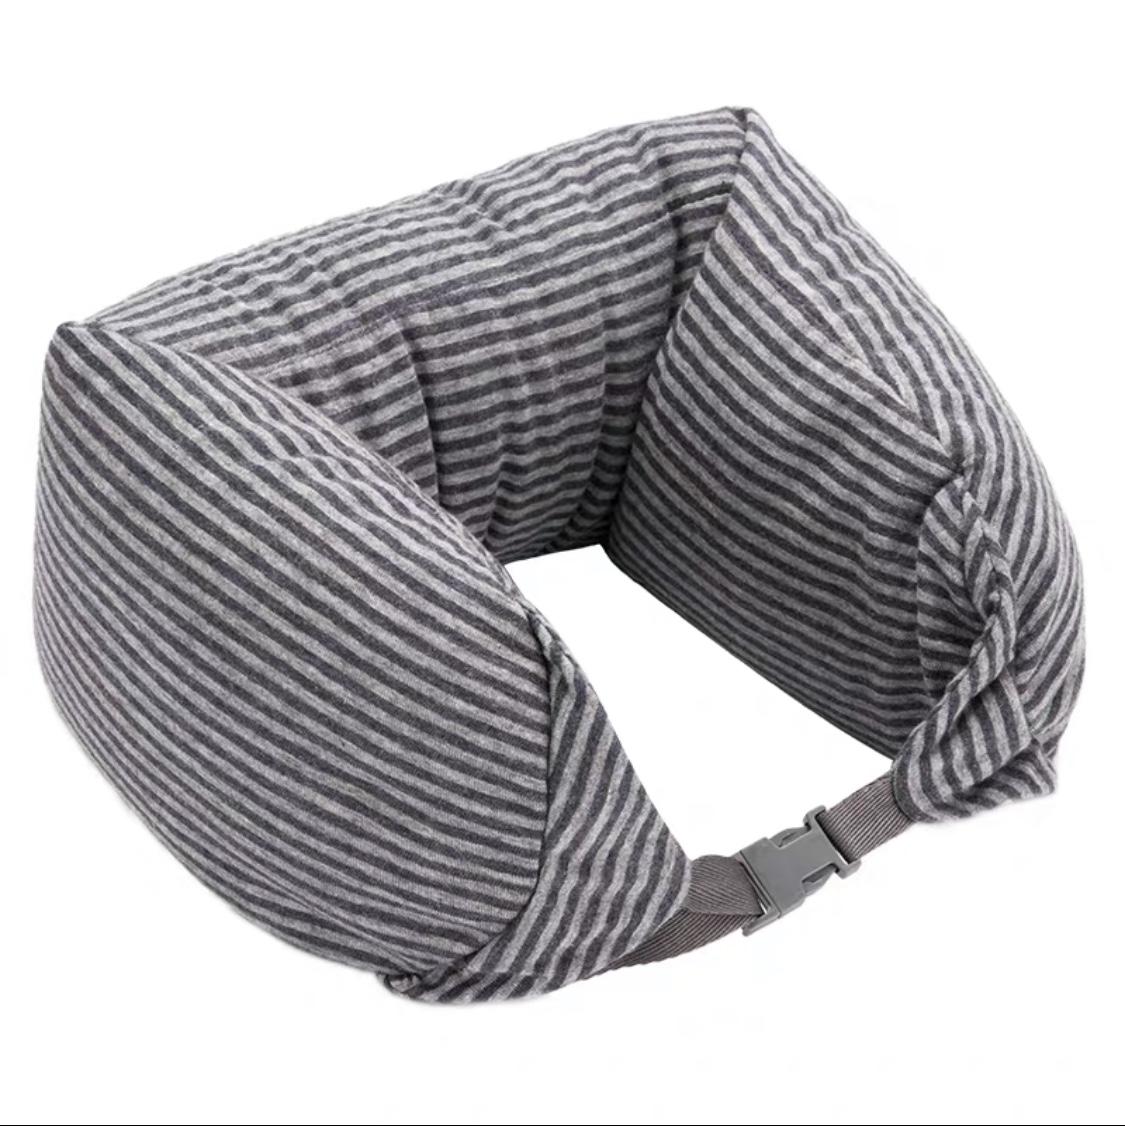 乐活之家U型枕旅行枕头枕芯护颈枕男女学生车载午休枕